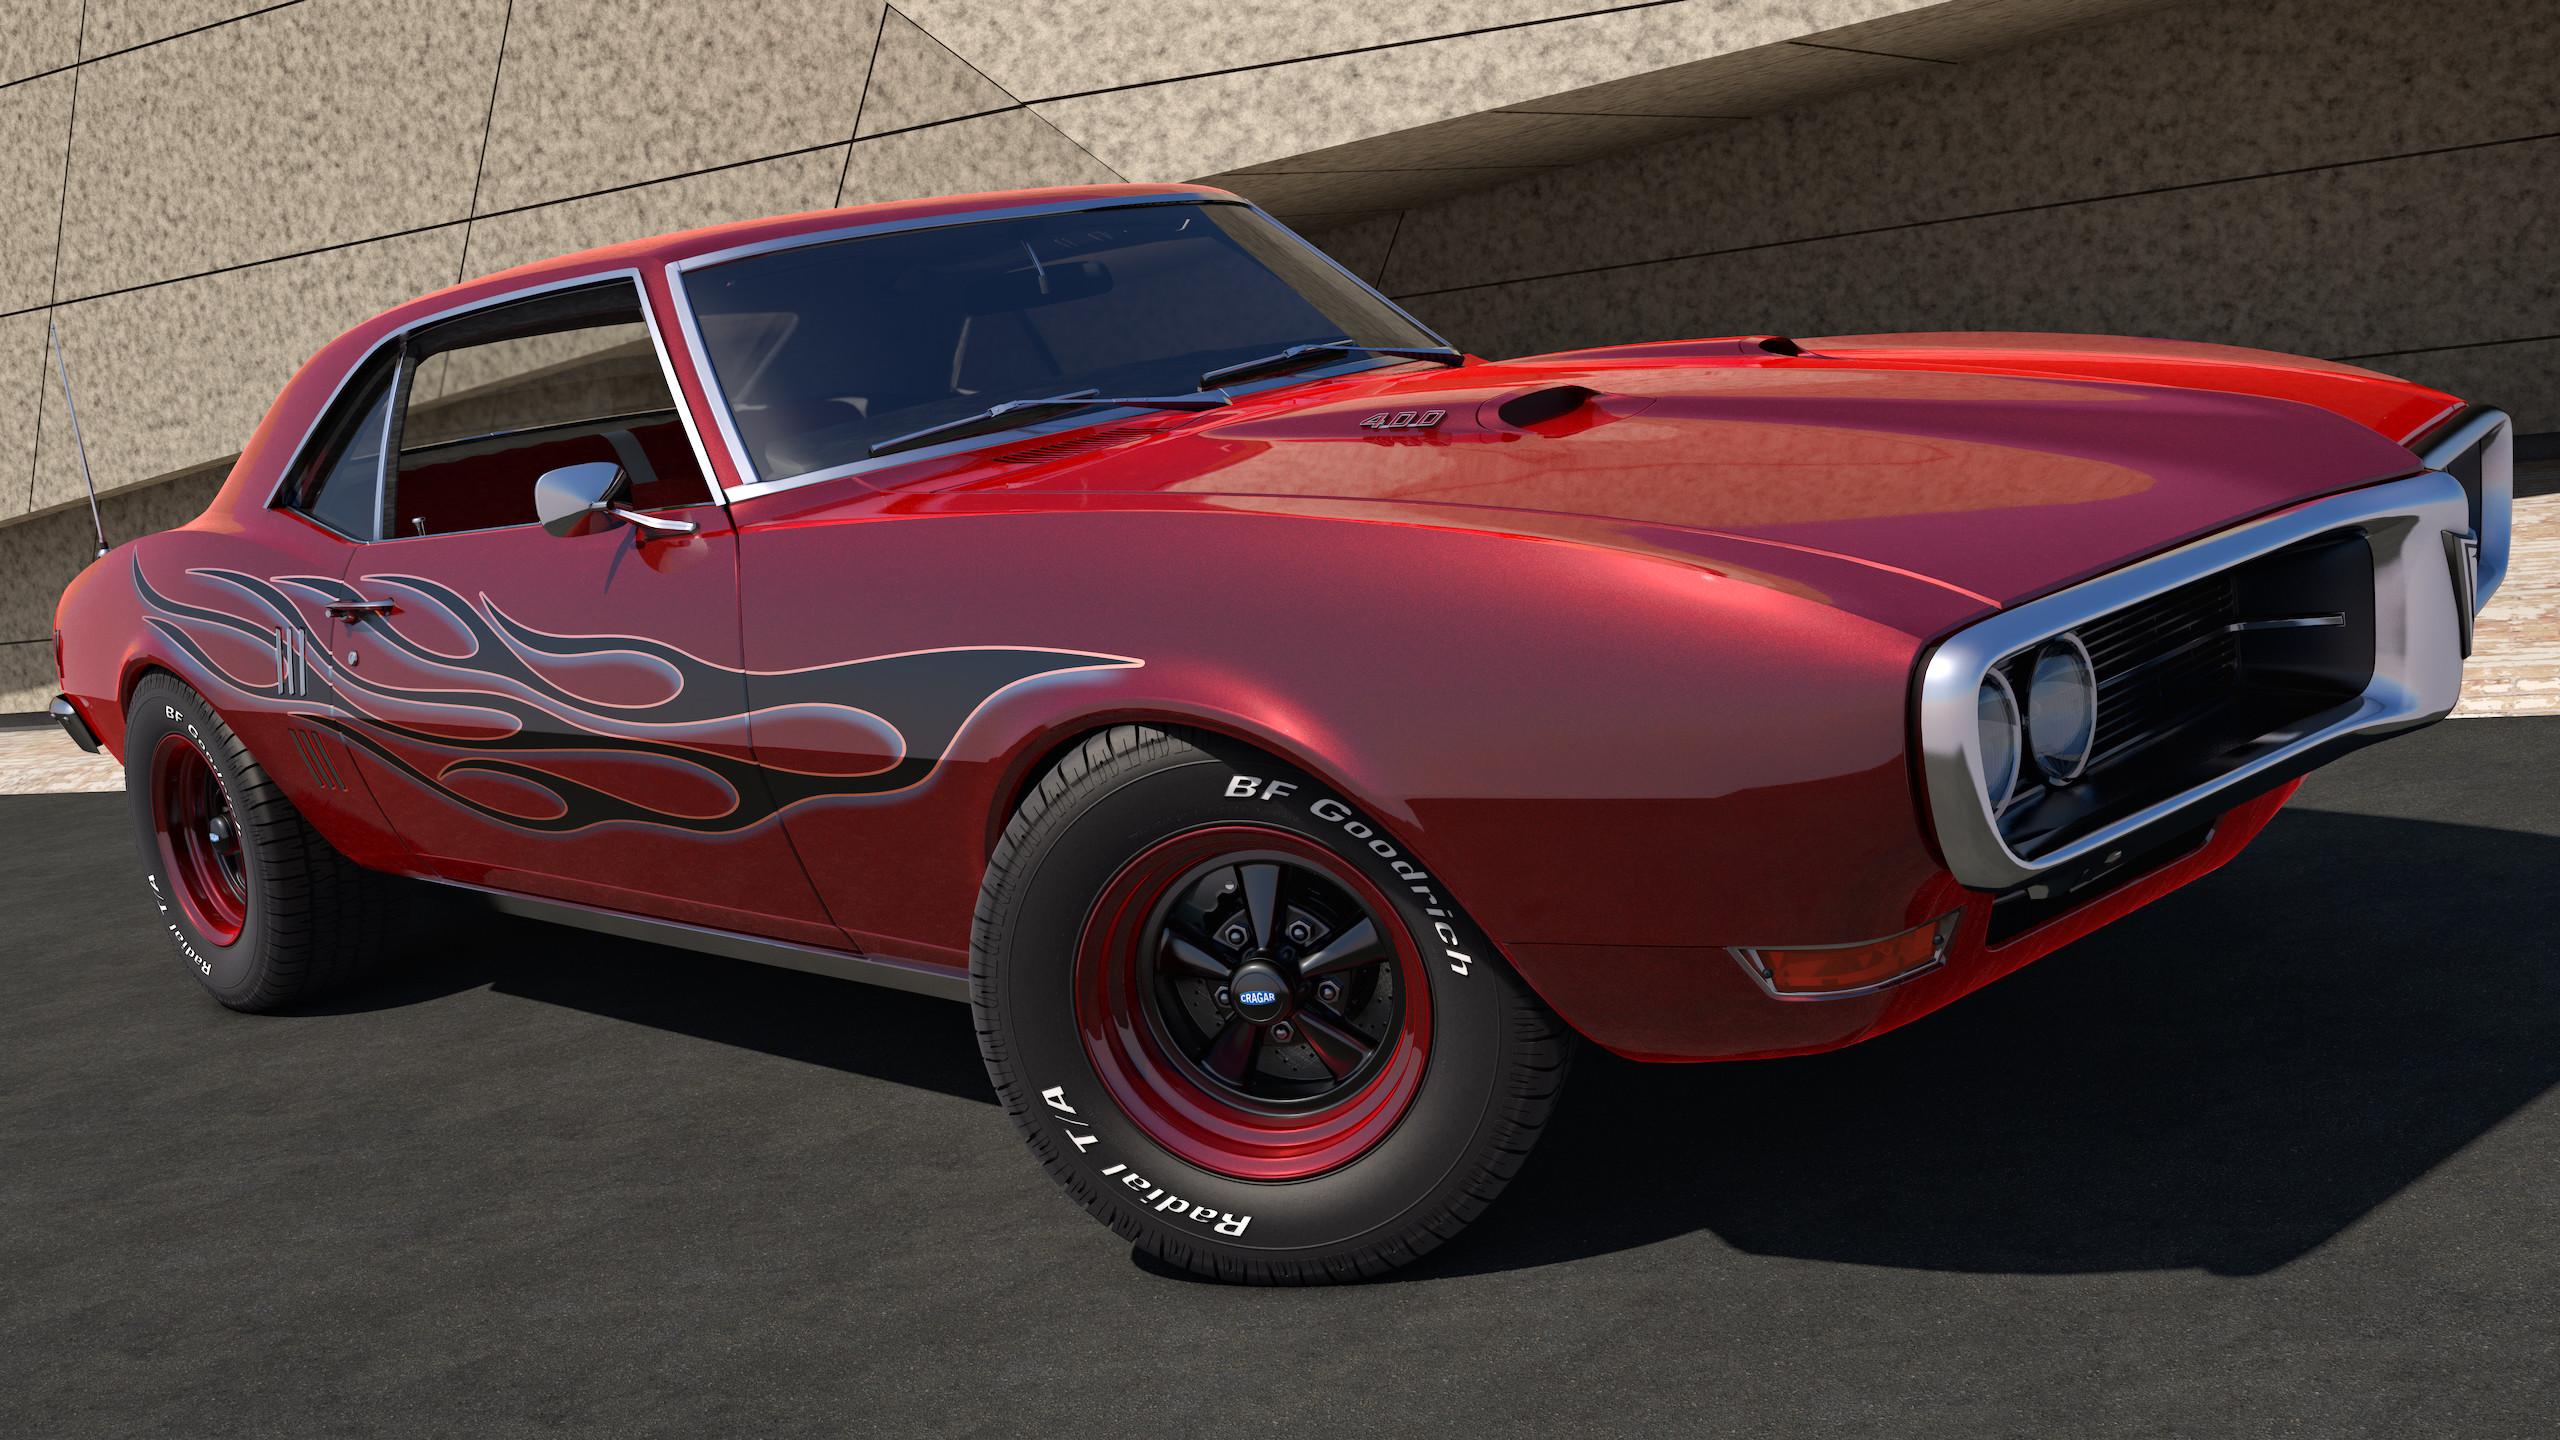 Res: 2560x1440, 1968 Pontiac Firebird 400 by SamCurry 1968 Pontiac Firebird 400 by SamCurry